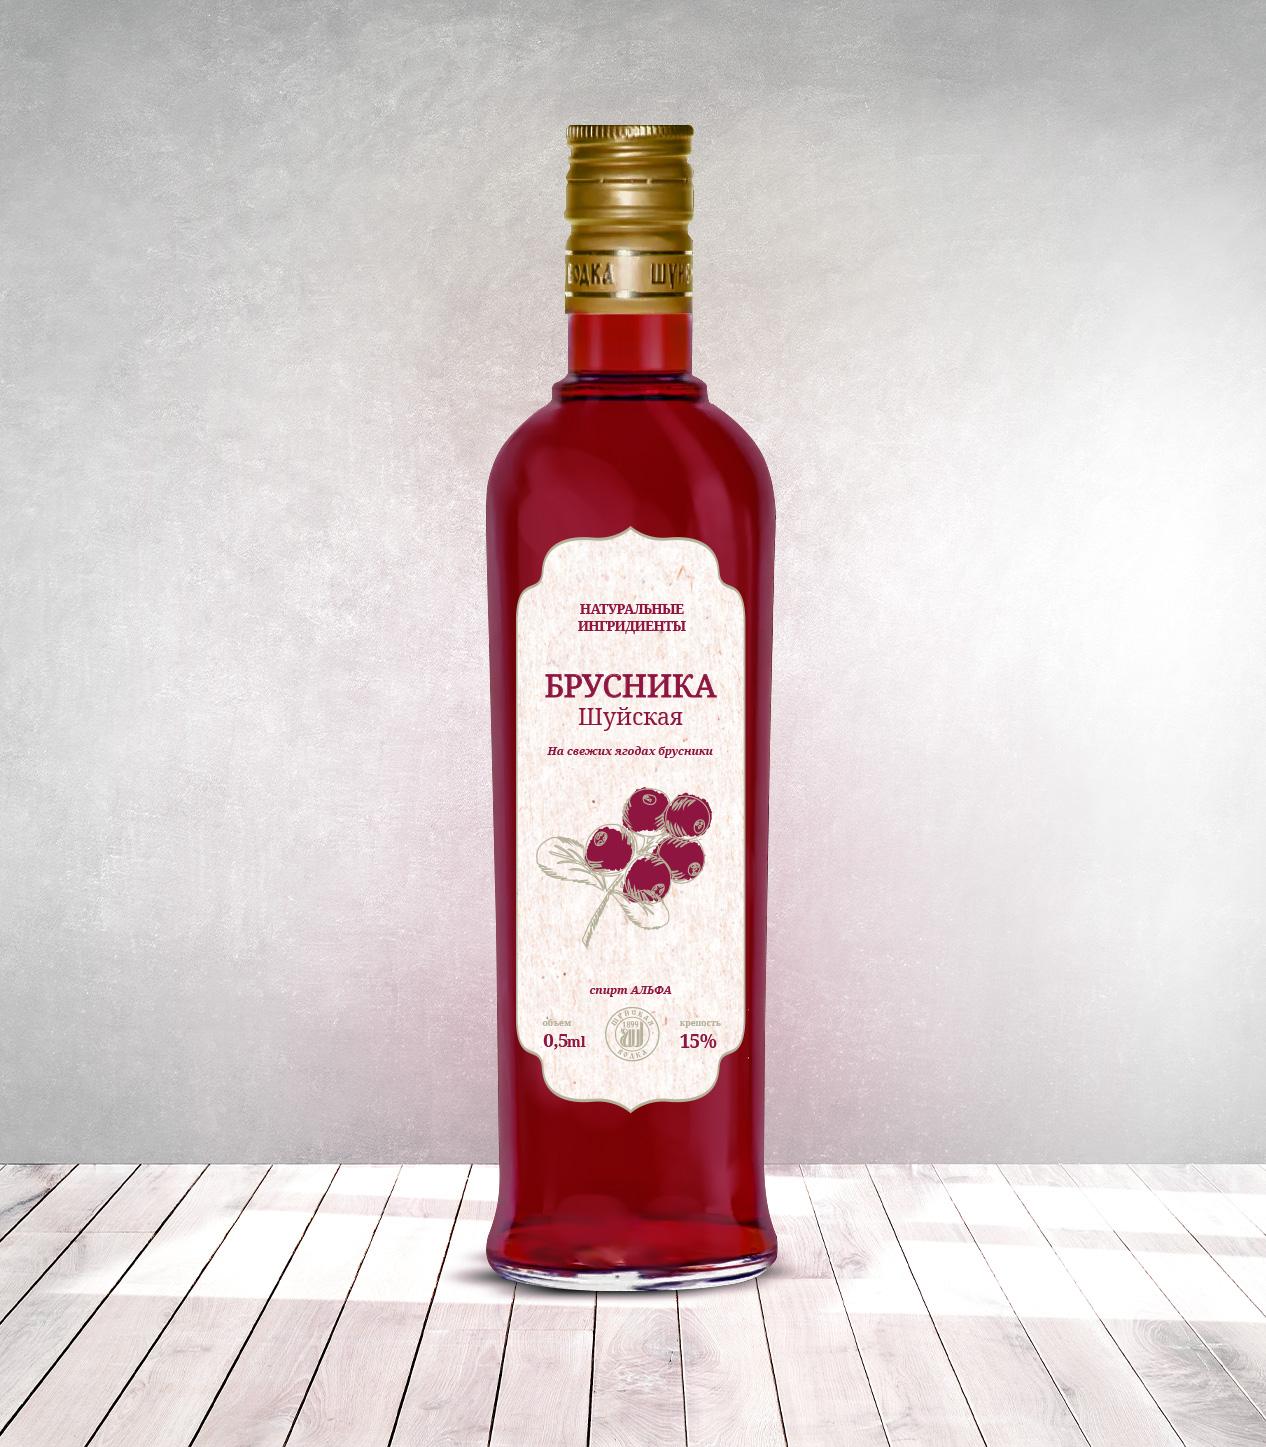 Дизайн этикетки алкогольного продукта (сладкая настойка) фото f_4815f883037c40b6.jpg